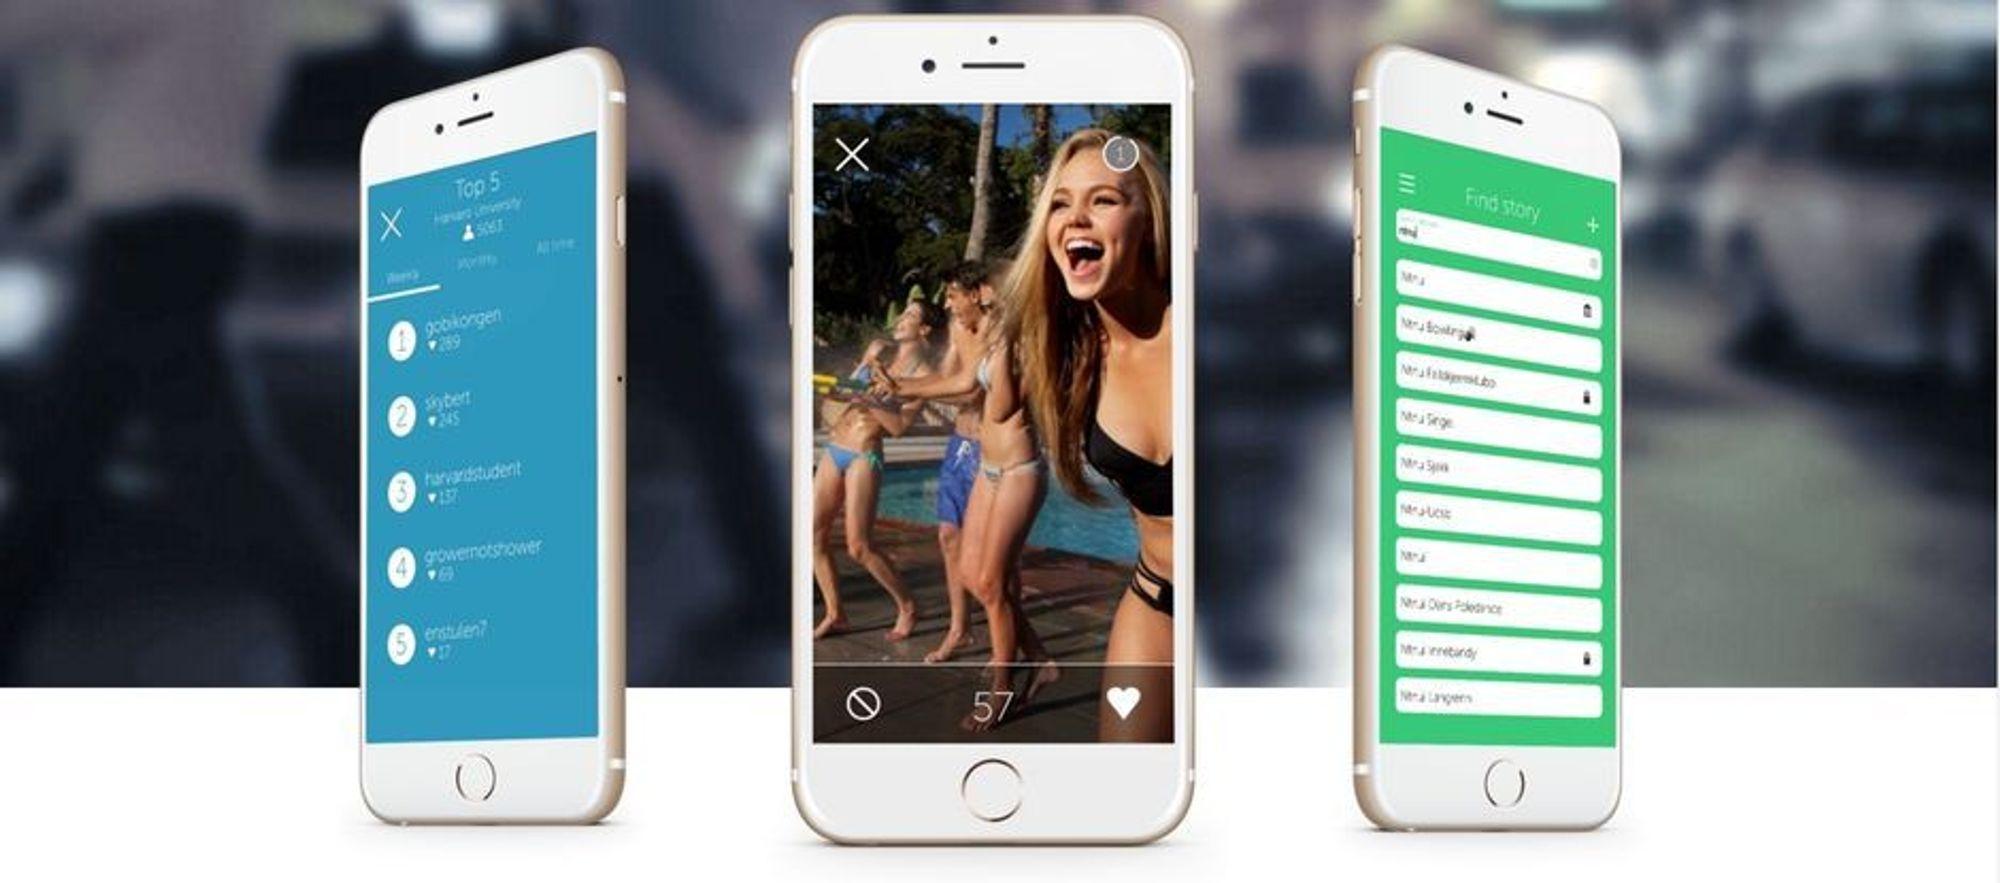 Appen fokuserer på dele bilder og video i grupper der alle kan bidra.